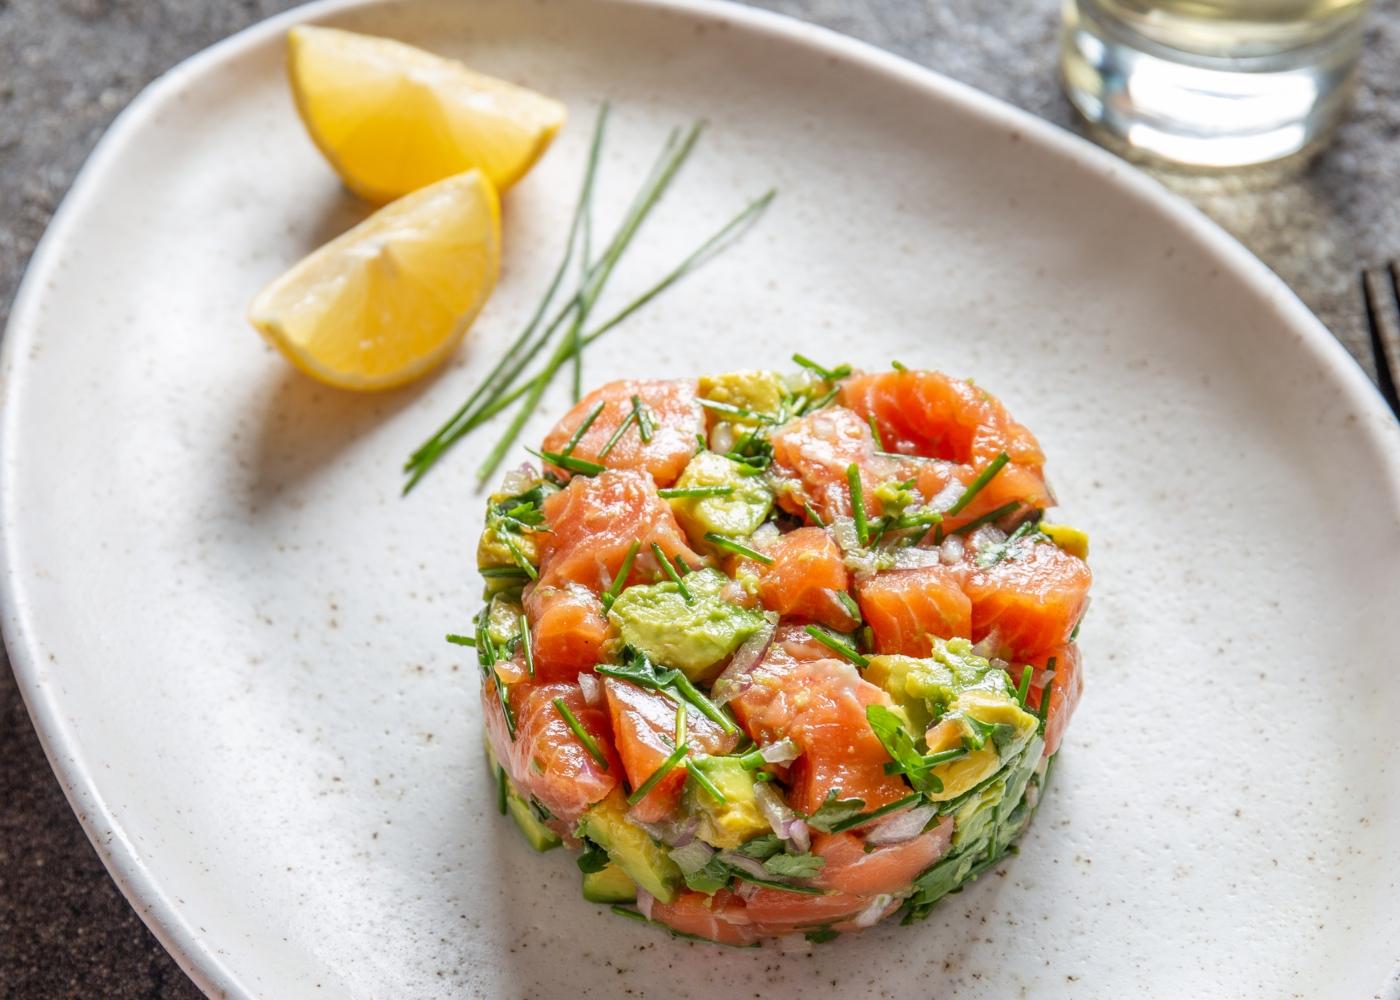 Tártaro de salmão e guacamole